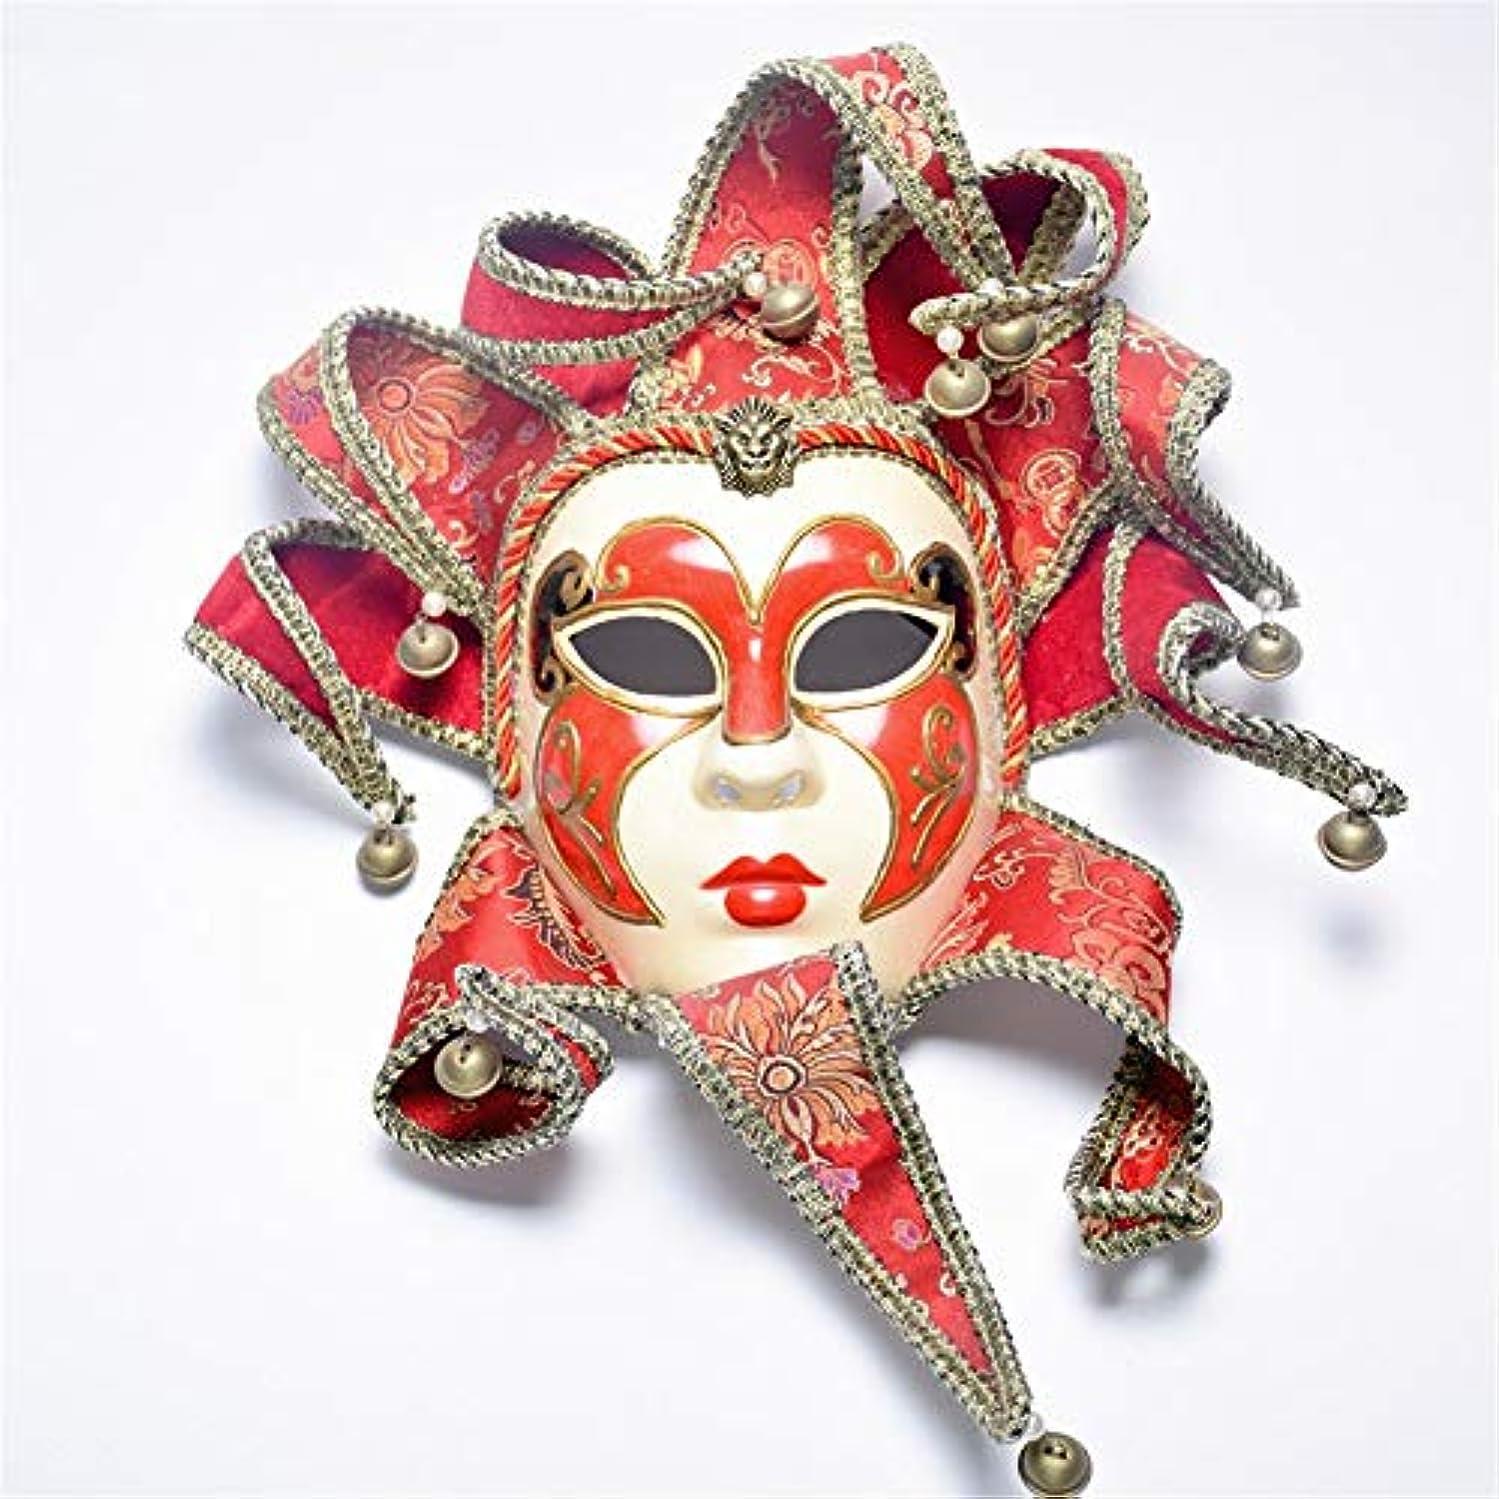 地下推定する雑品ダンスマスク フルフェイスマスク高級パーティーベルマスク女性マスククリスマスフェスティバルロールプレイングプラスチックマスク ホリデーパーティー用品 (色 : 赤, サイズ : 49x29cm)